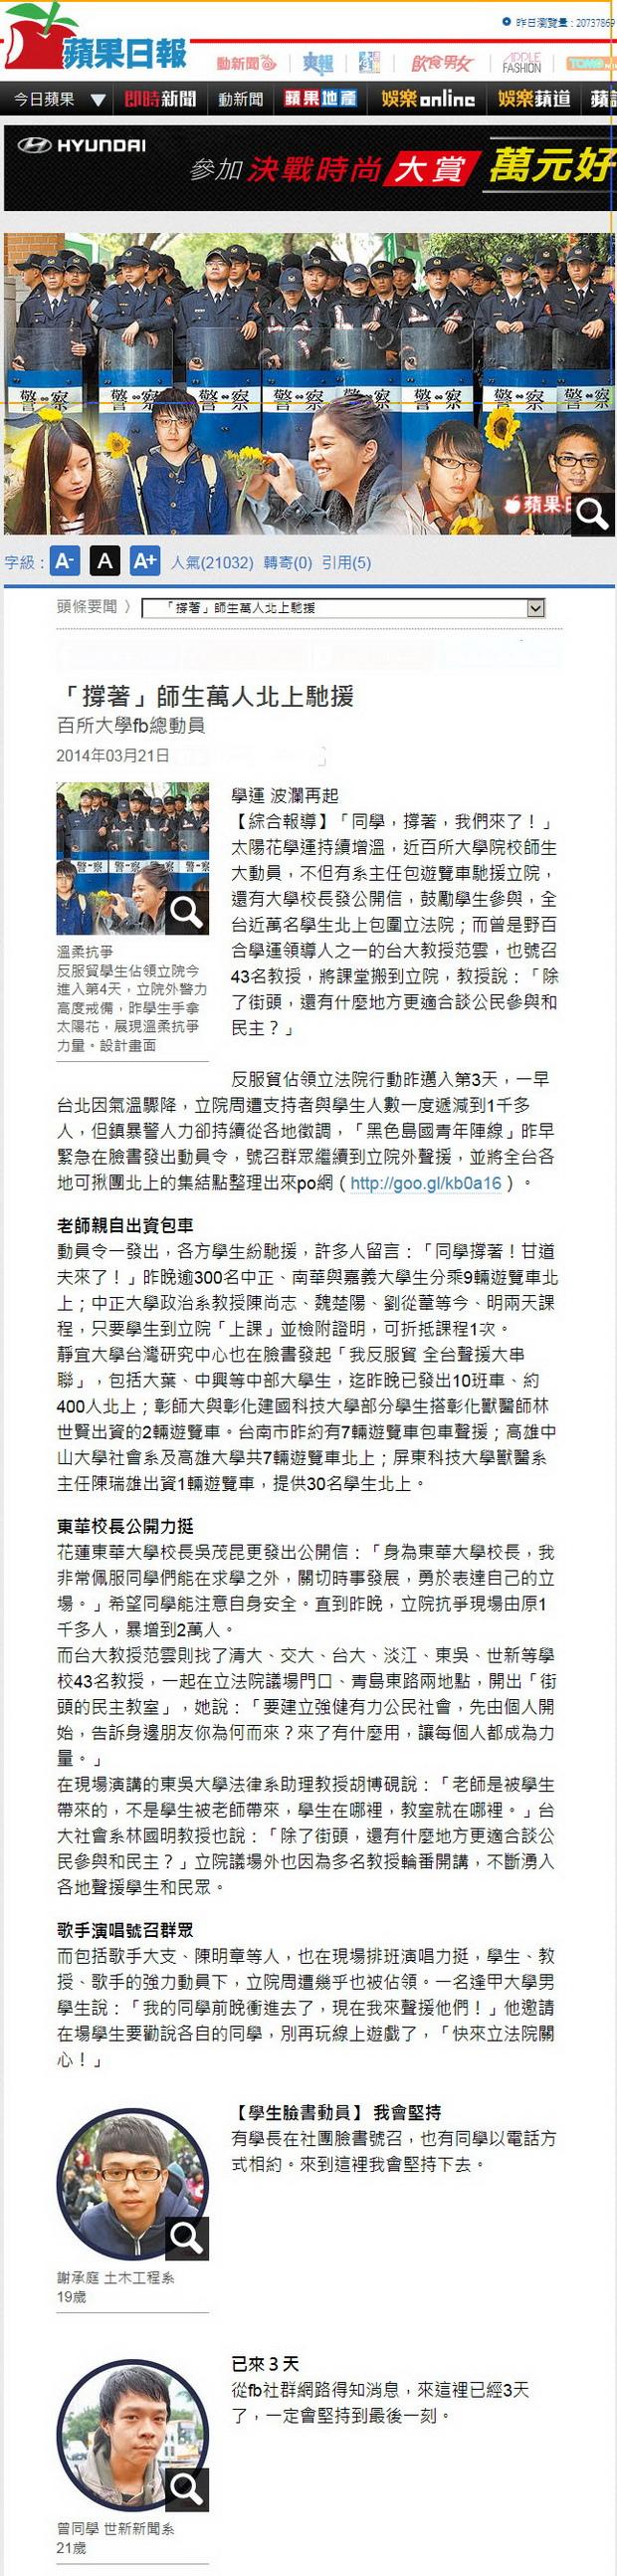 「撐著」師生萬人北上馳援  -2014.03.21.jpg